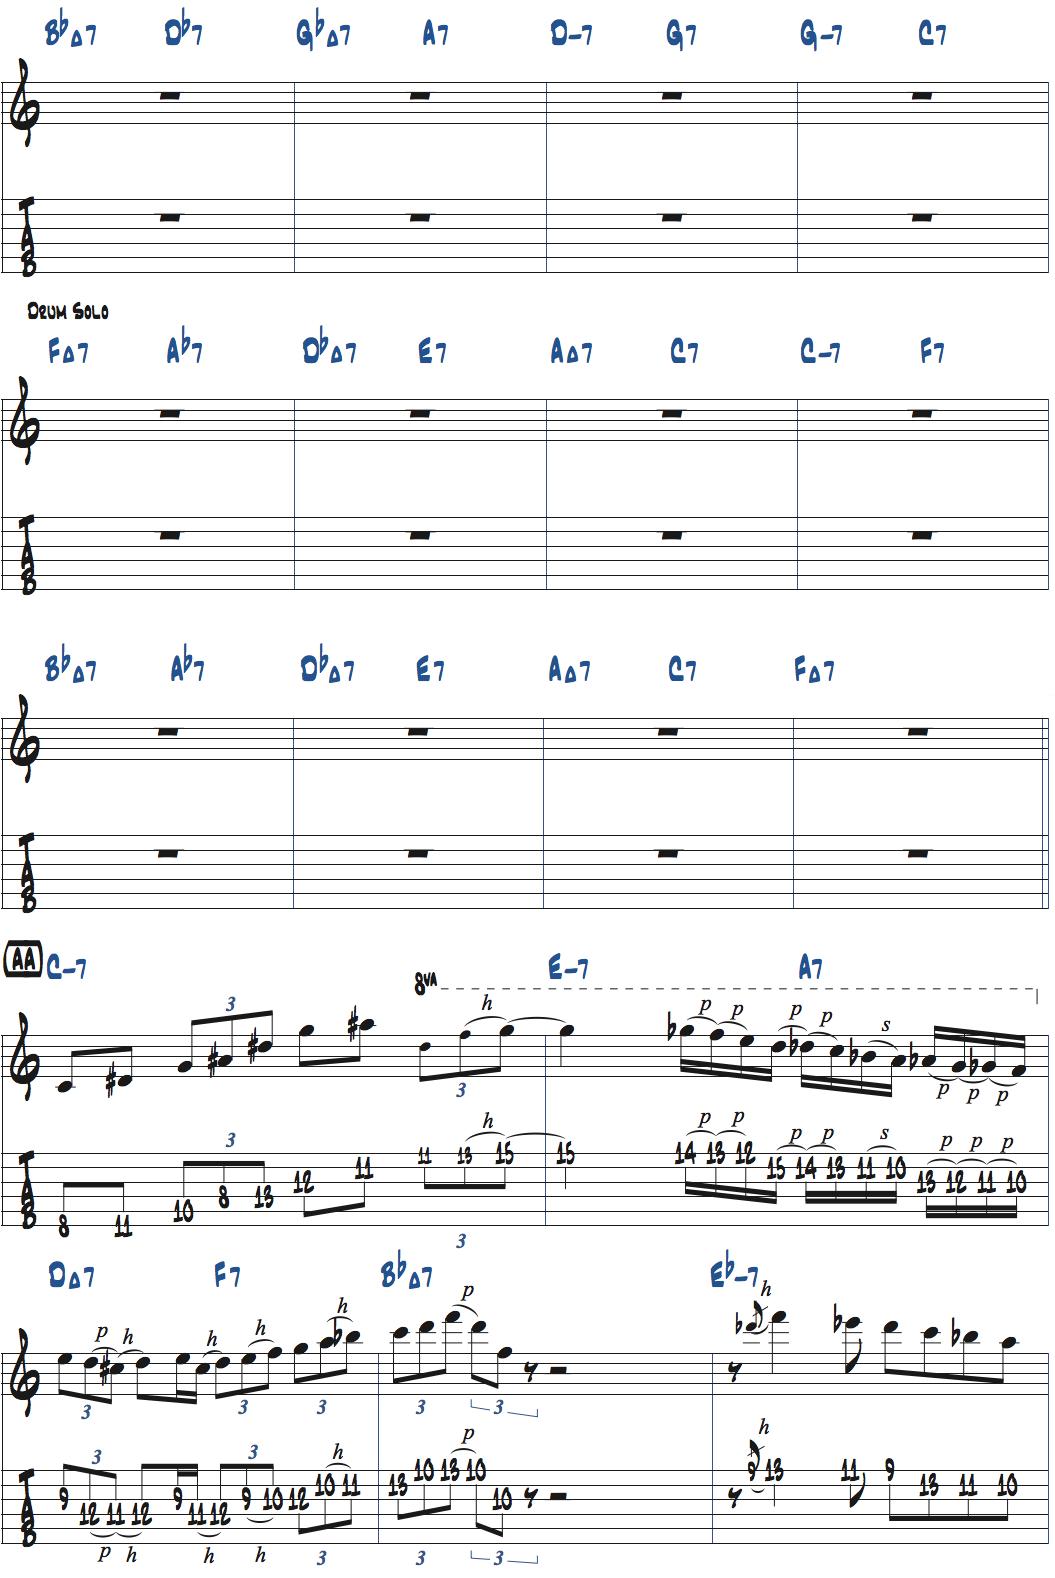 ギタリストのためのコード理論講座 | a-ki's ...